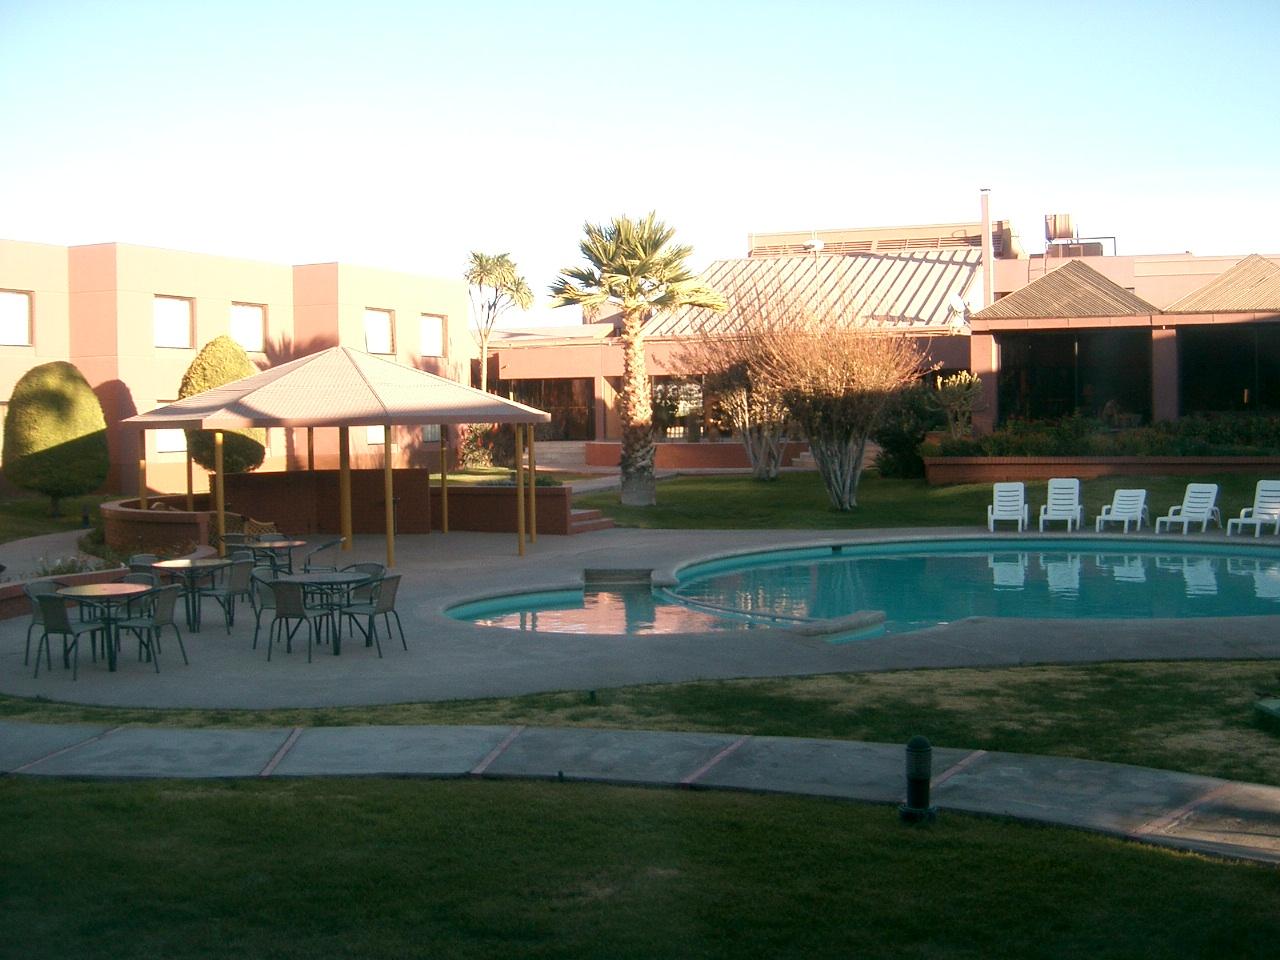 Fotos de hotel park calama en calama fotos y videos for Hoteles en iquitos con piscina